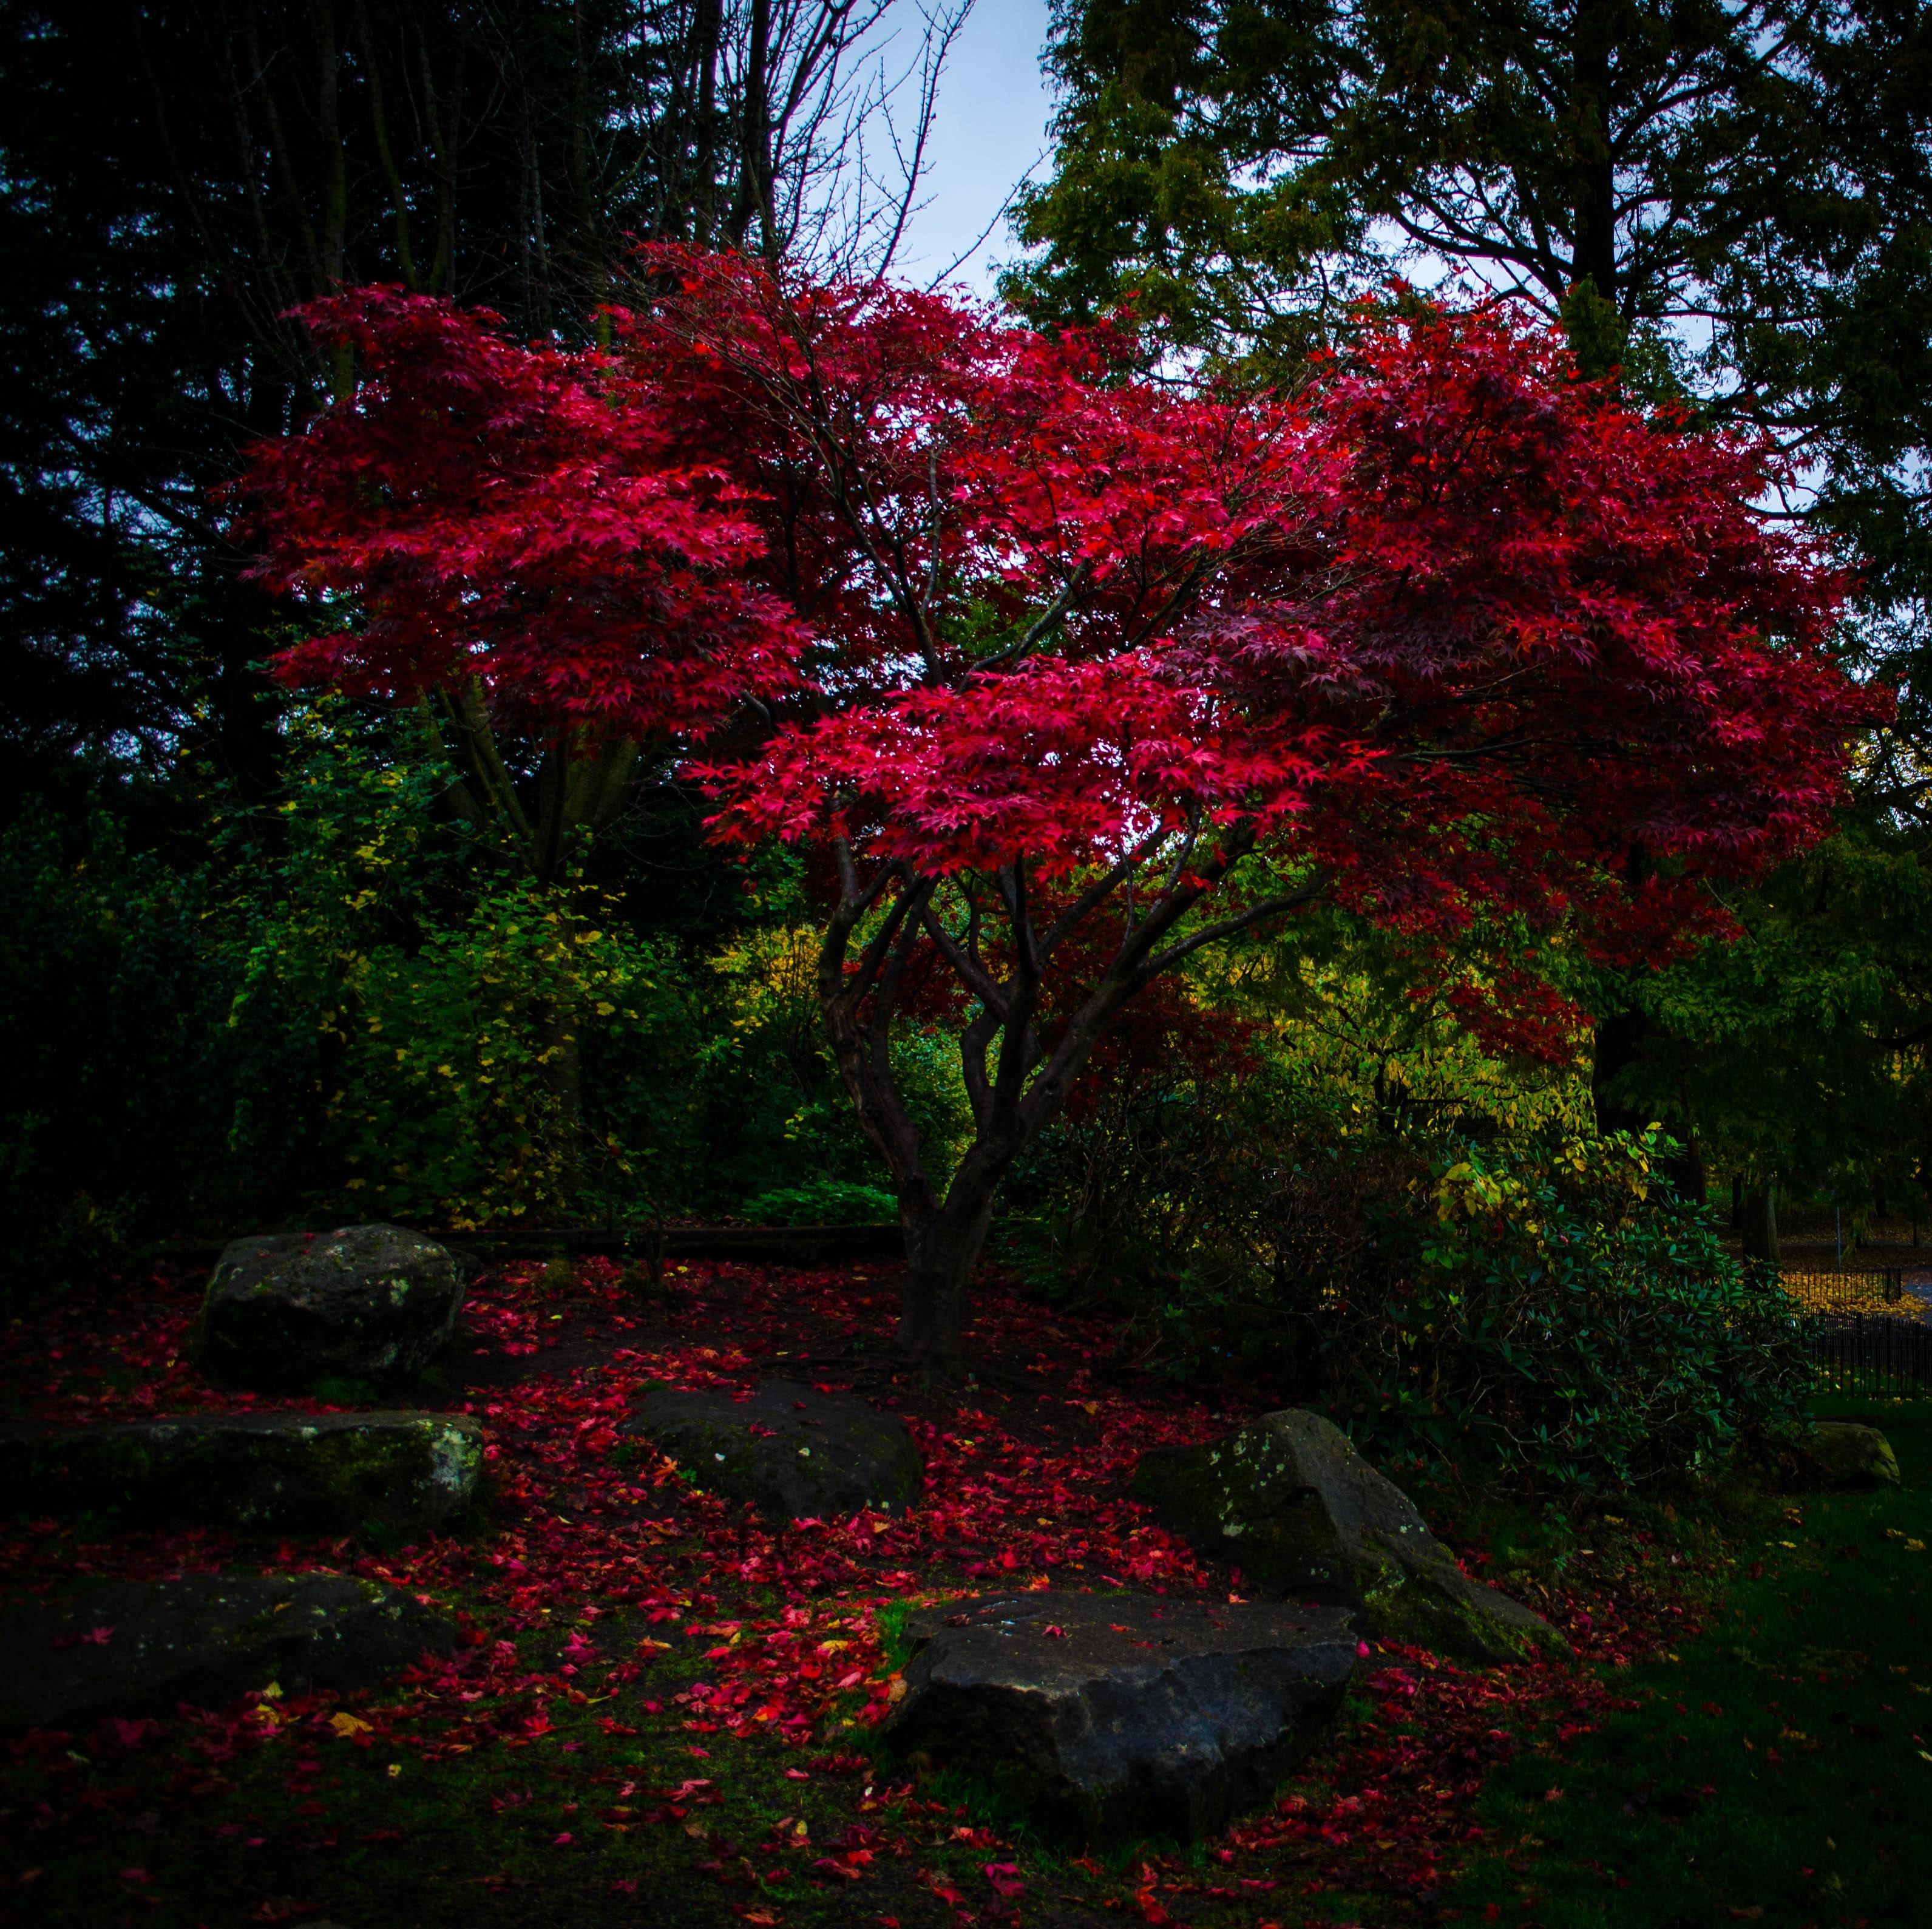 141461 скачать обои Деревья, Осень, Парк, Листья, Природа, Вечер - заставки и картинки бесплатно